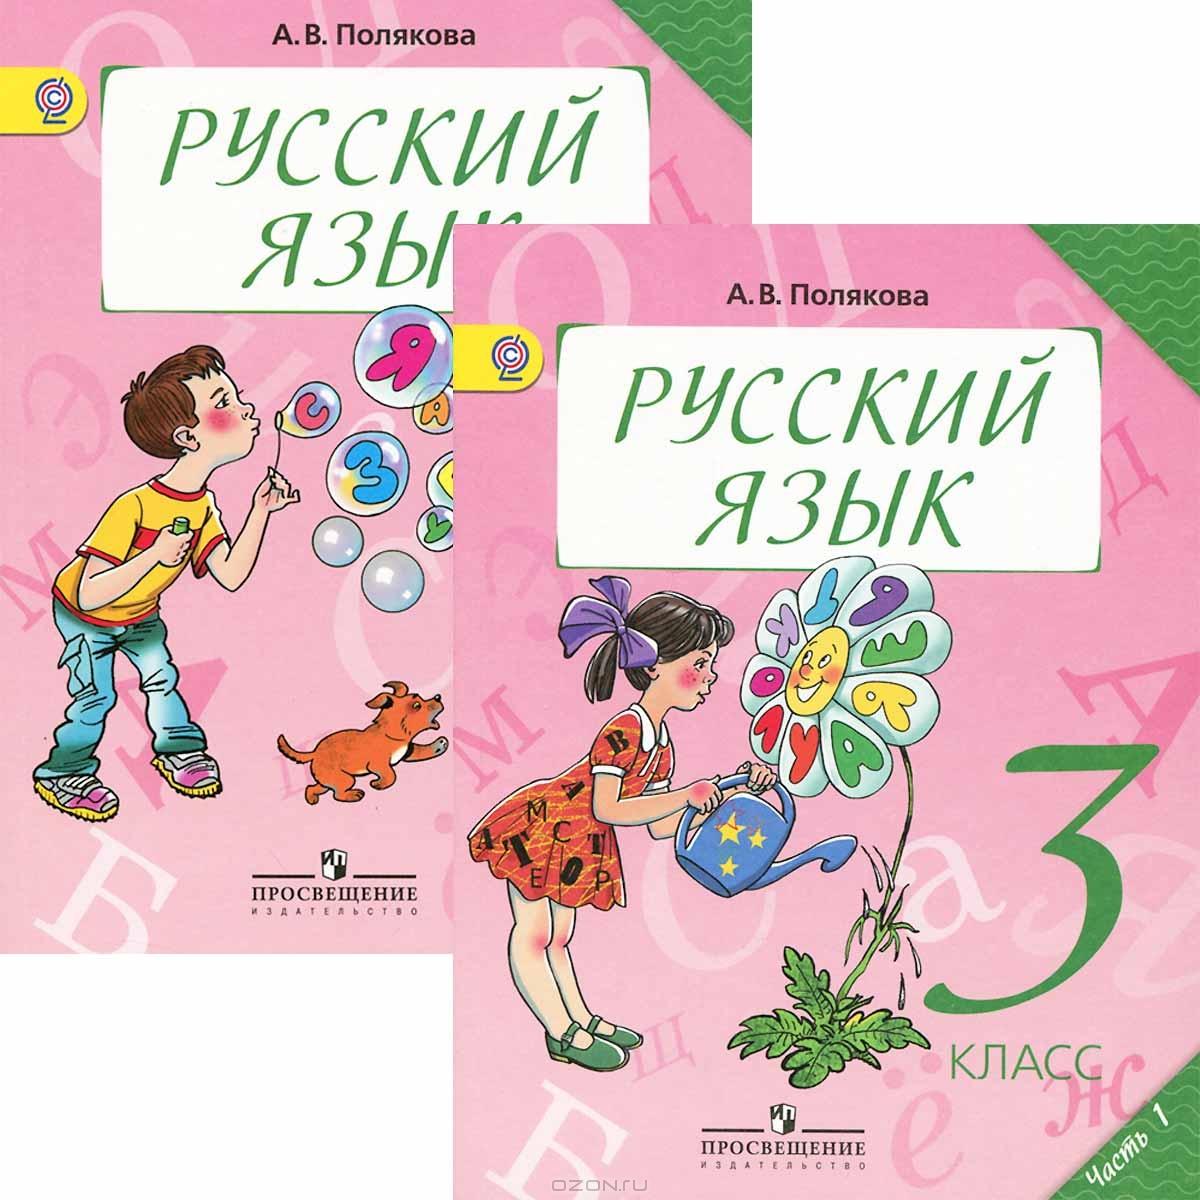 Гдз по русскому языку 3 класс полякова решебник